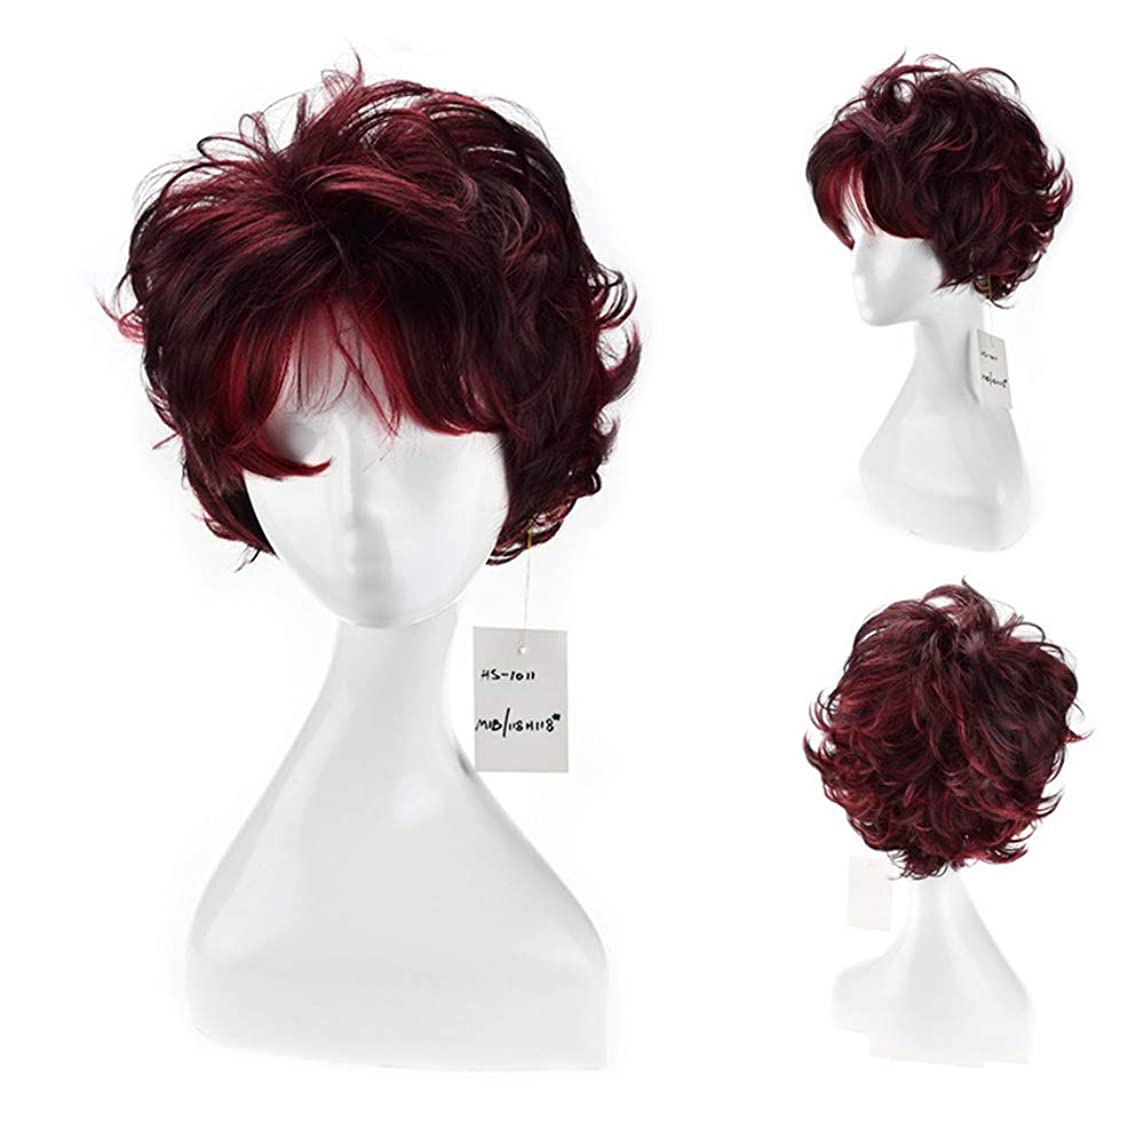 独占バッフルみがきますYAHONGOE 女性の人工毛ショートボブウィッグワインレッドショートカーリーヘアフルヘッド無料キャップパーティーウィッグ (色 : ワインレッド)